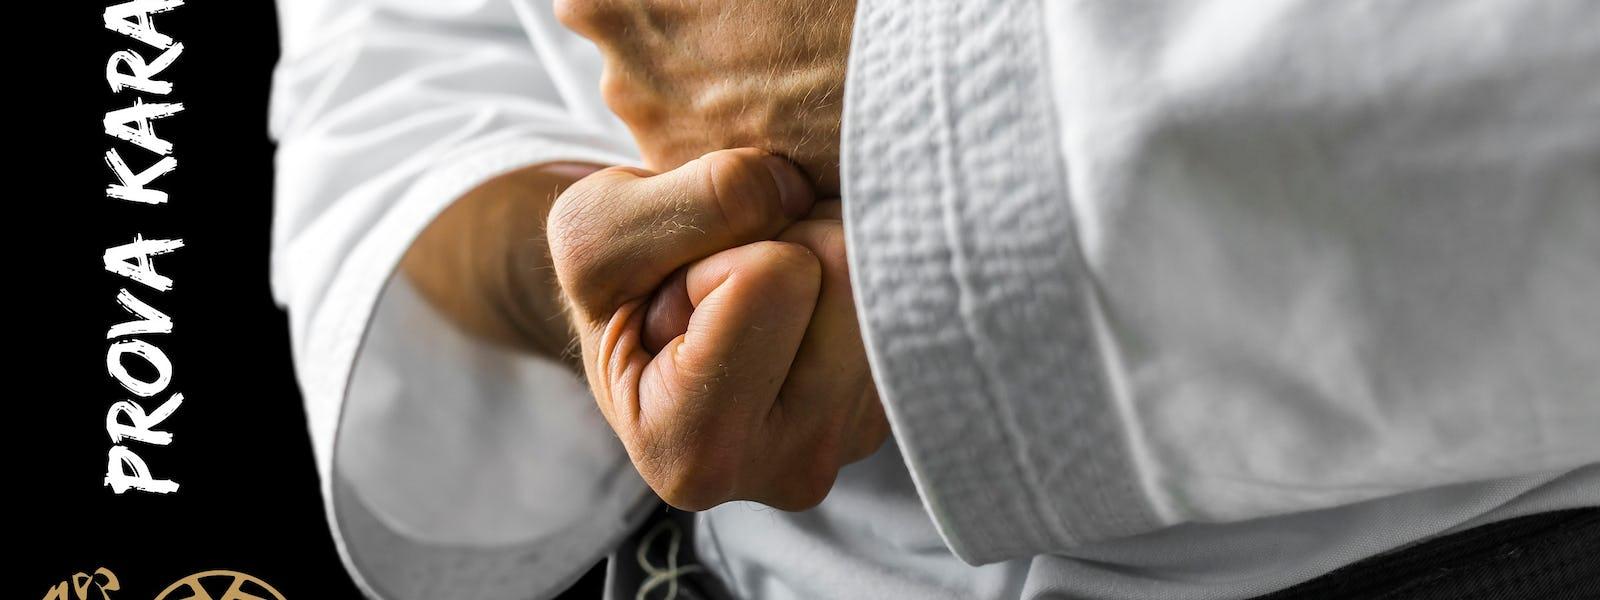 Bild - Karate